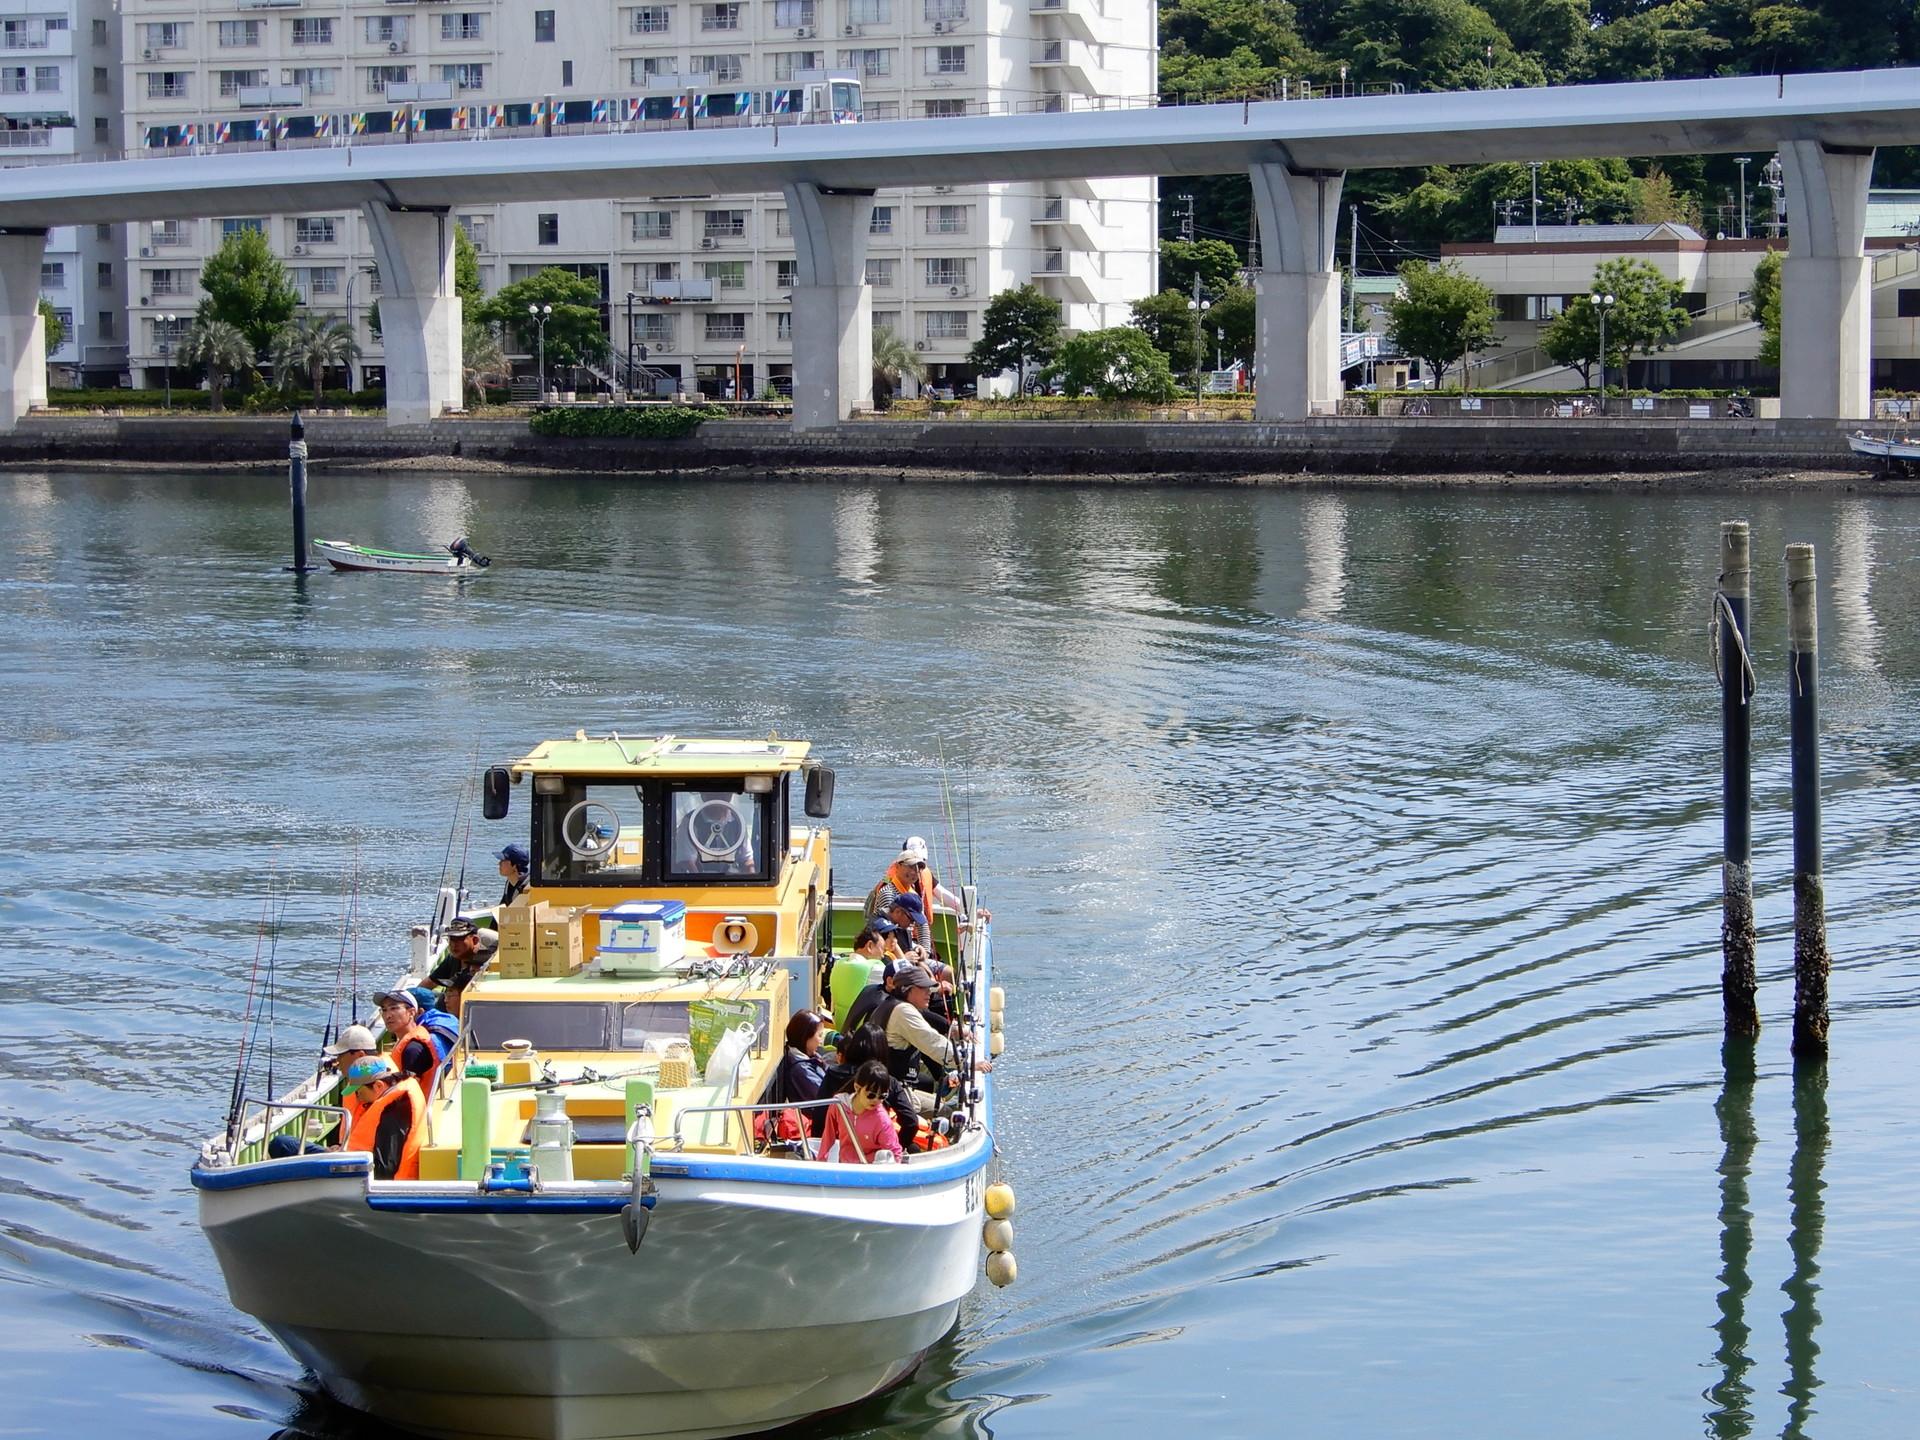 シーサイドラインと漁船 瀬戸橋付近にて